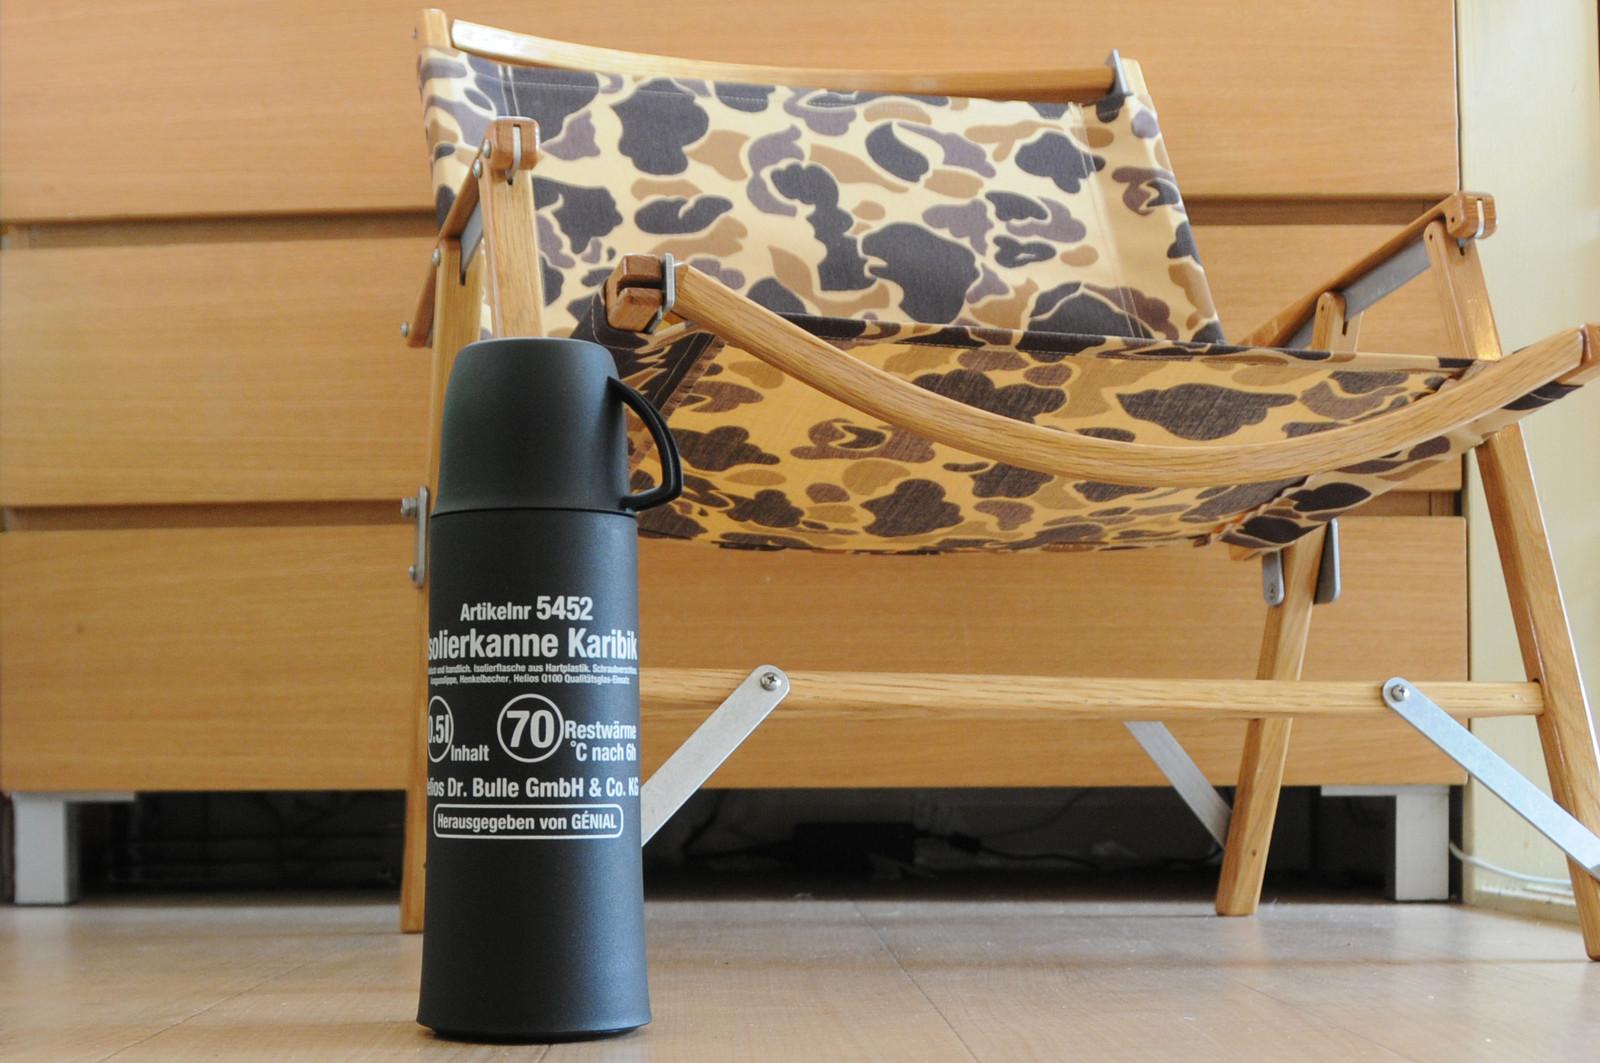 ヘリオス helios カリビック ジェニアル Karibik Genial 500ml 魔法瓶 ポット ドイツ 卓上魔法瓶 ガラス魔法瓶  ガラスポット